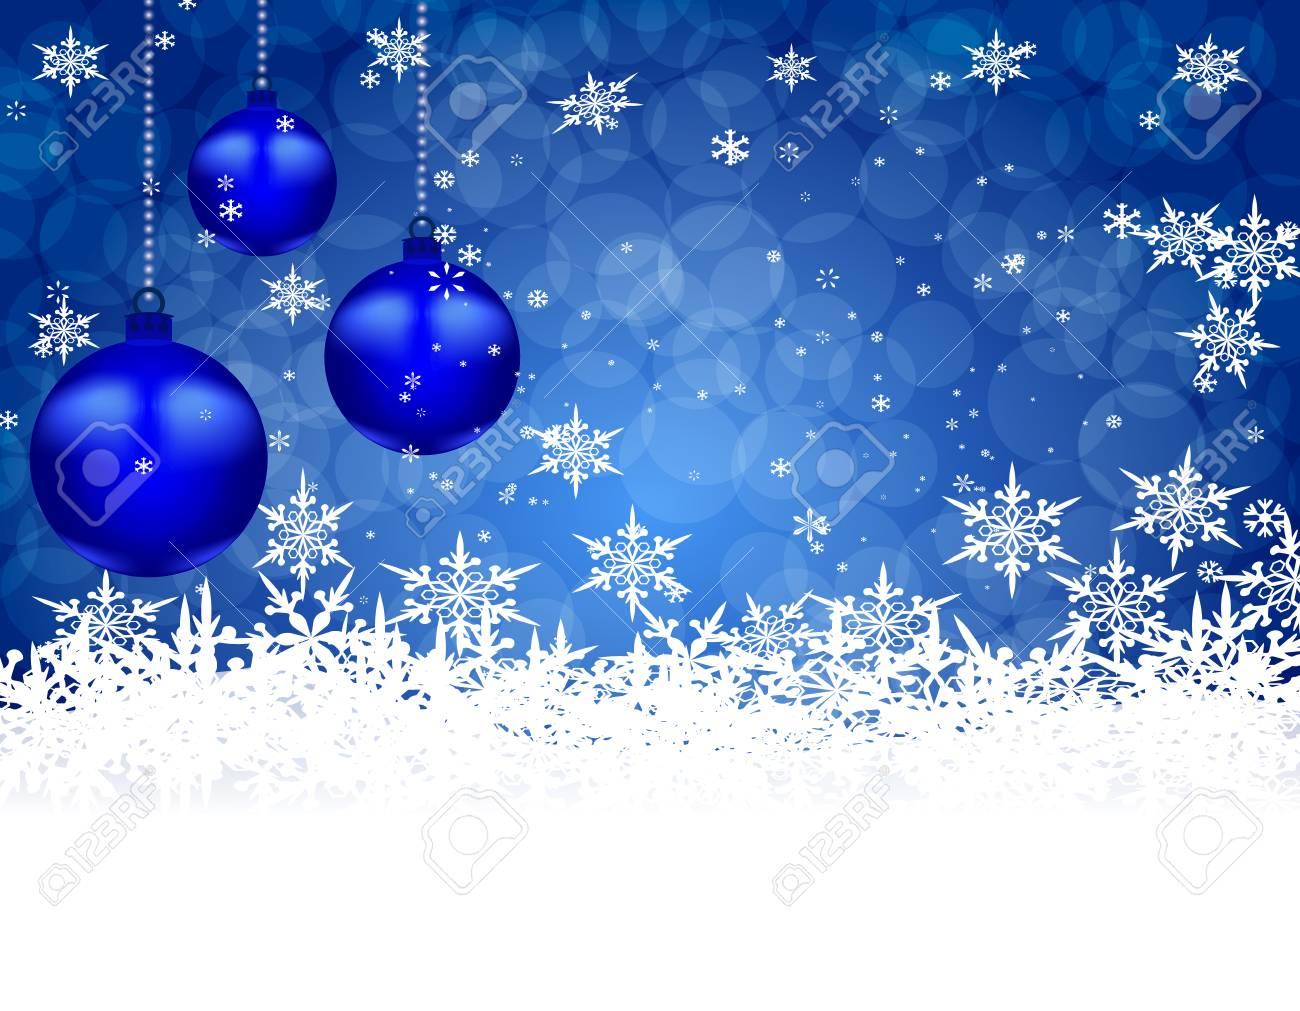 Beautiful Christmas Background Images.Stock Illustration